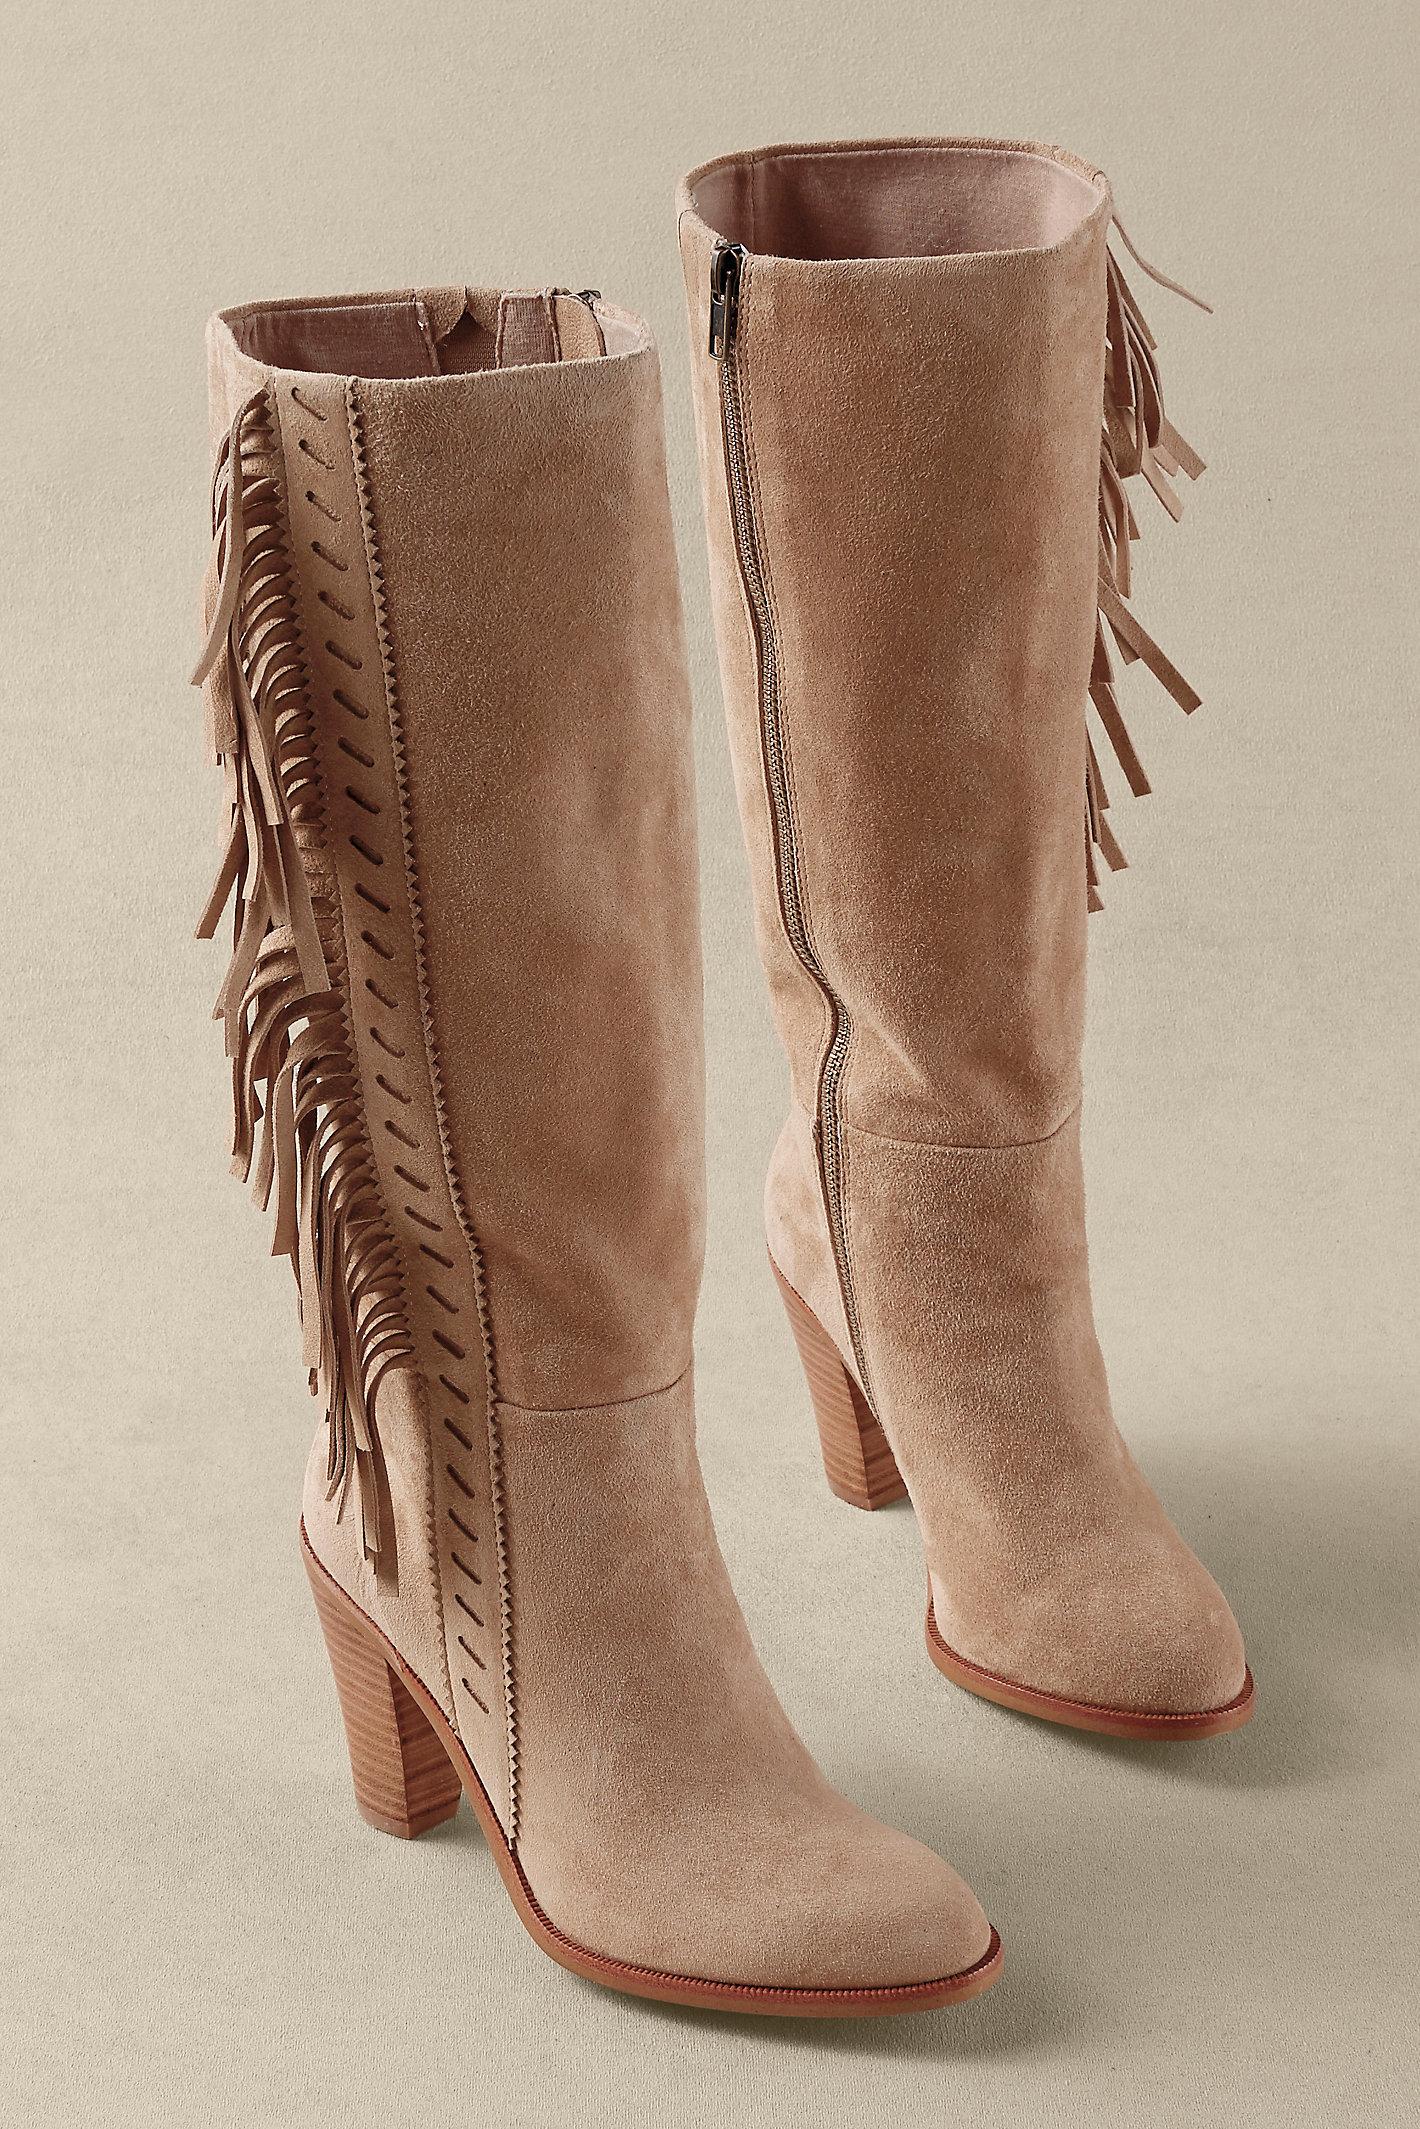 Serena Boots